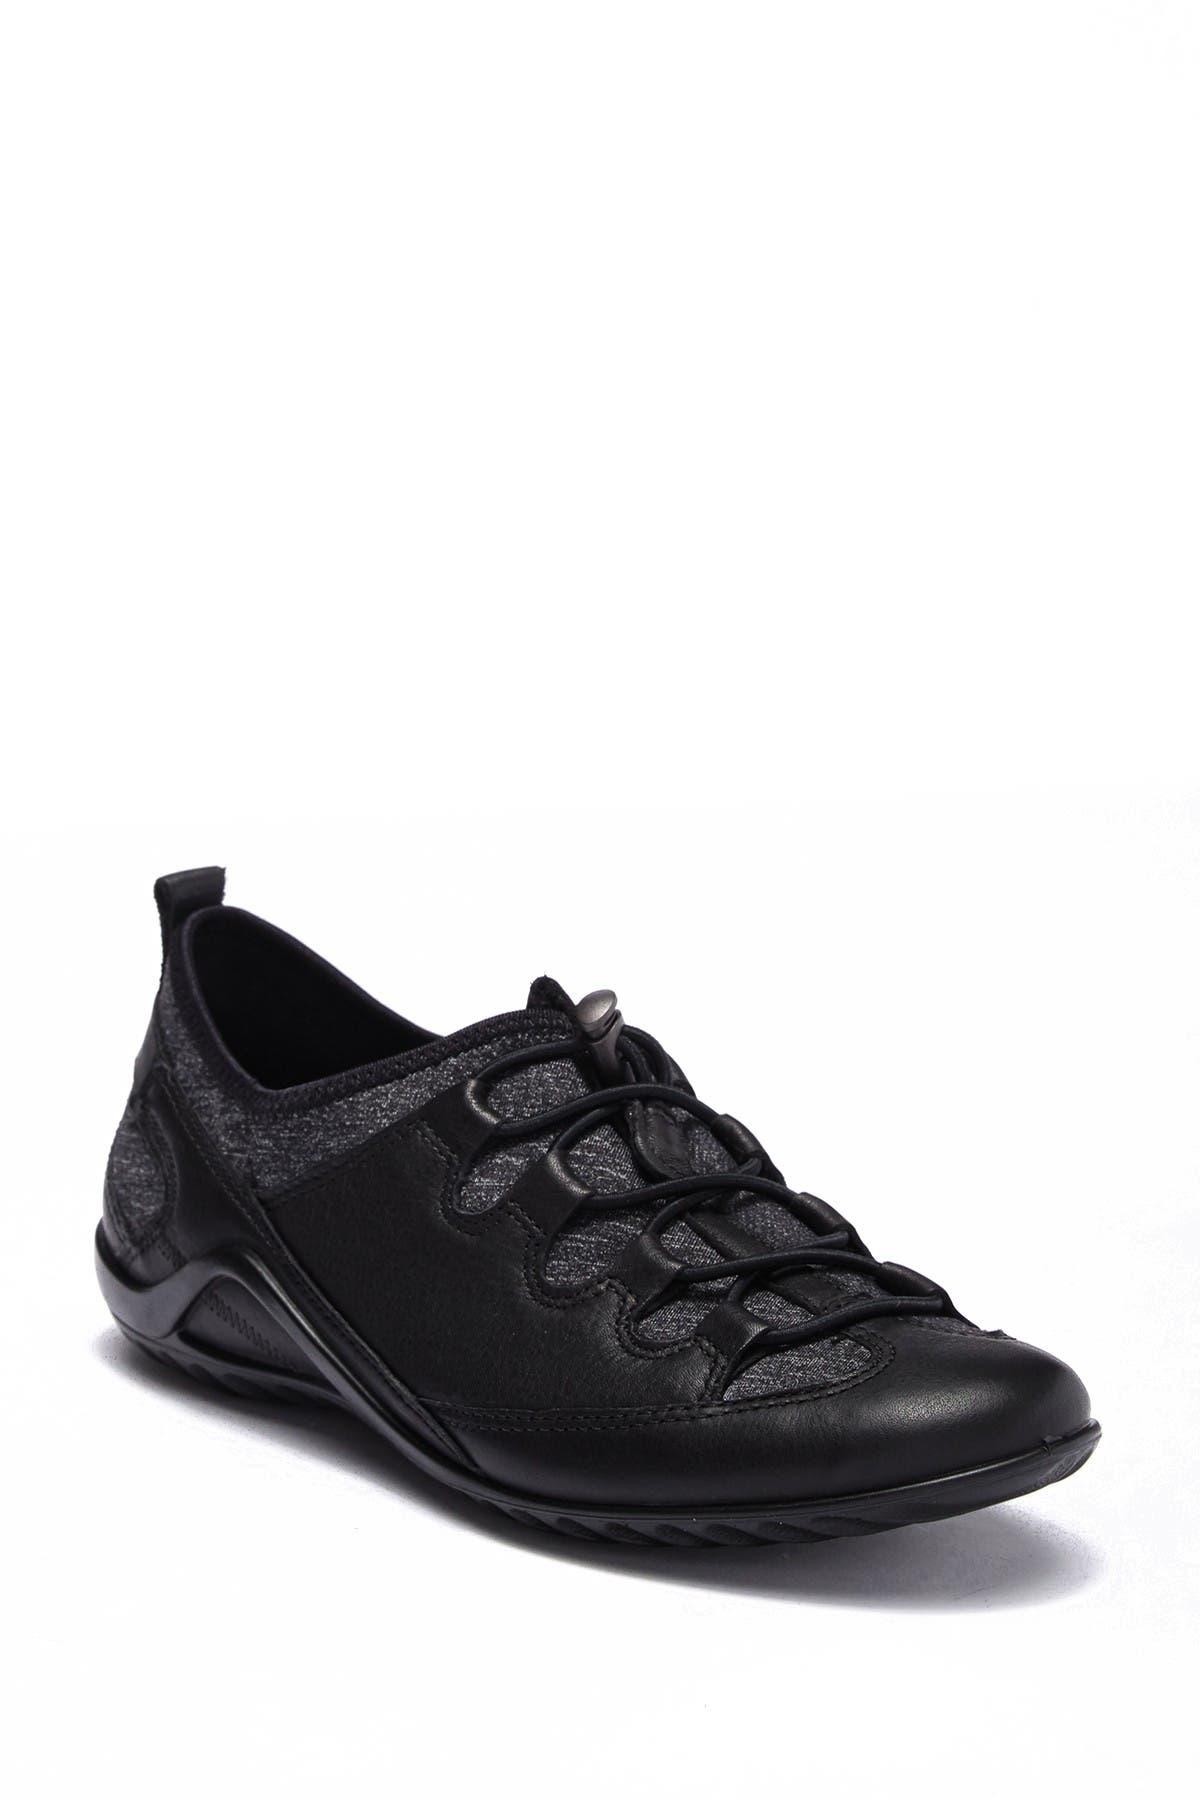 ECCO | Vibration II Toggle Sneaker